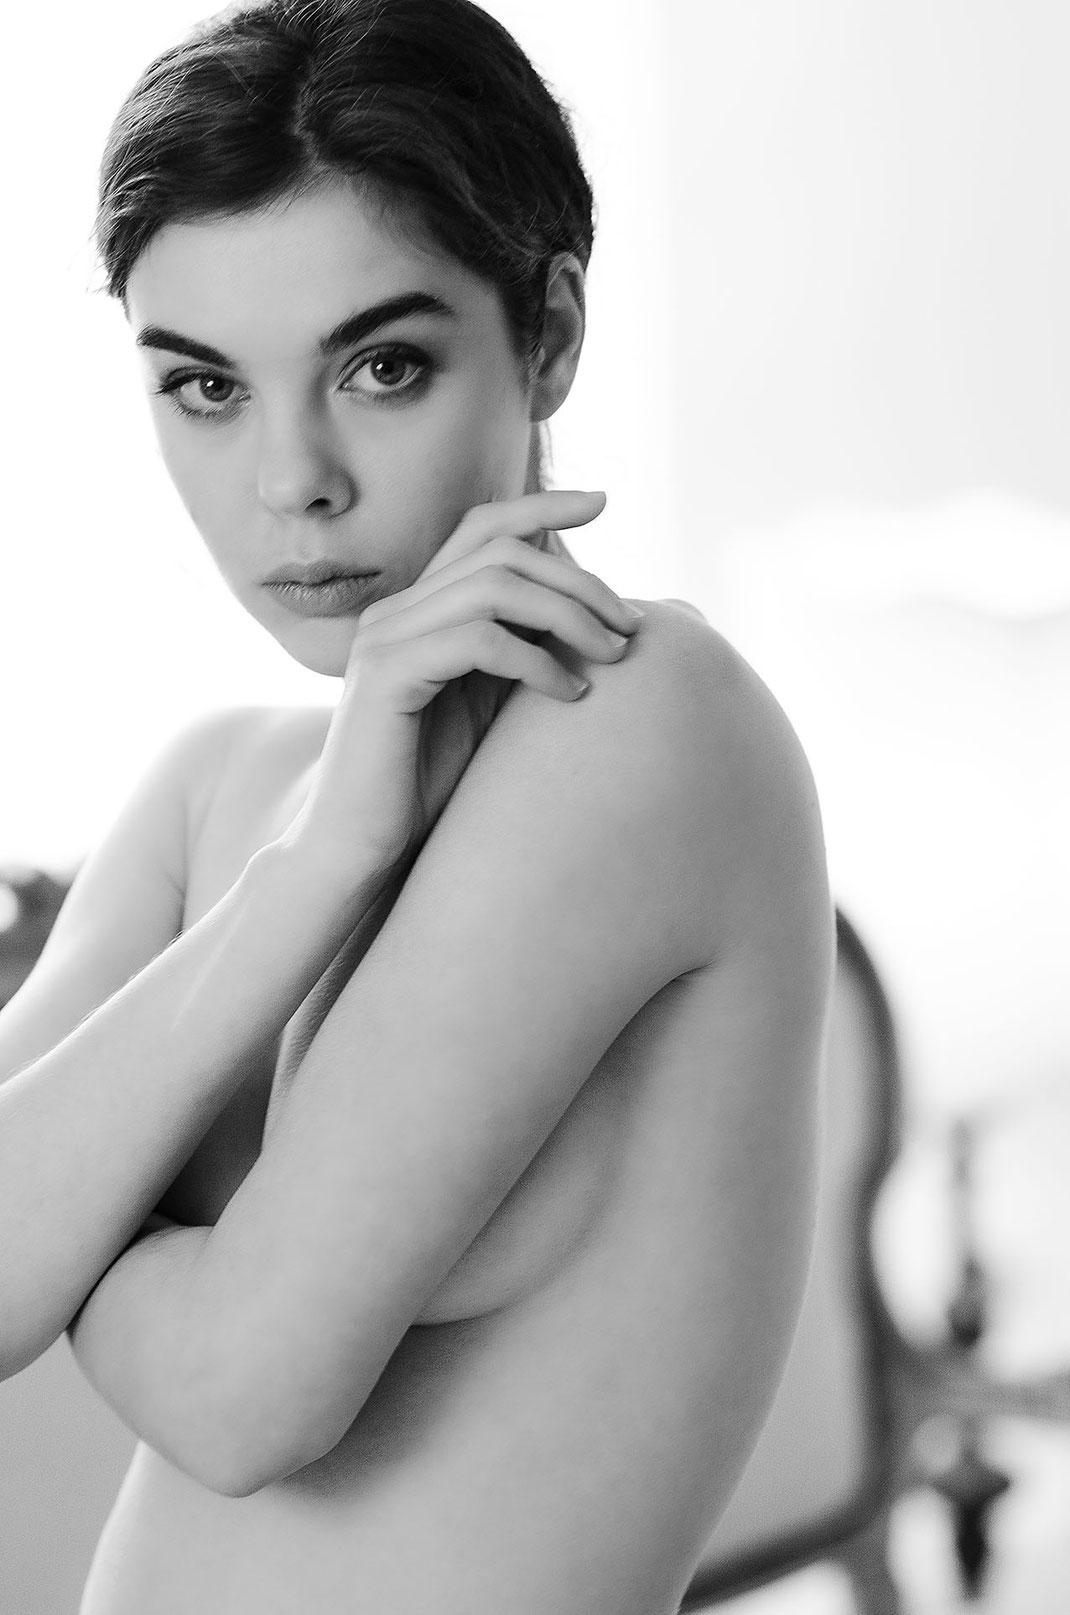 Portraitaufnahme Dako Haux fotografiert von Martin Boelt Erotic Portrait Photography